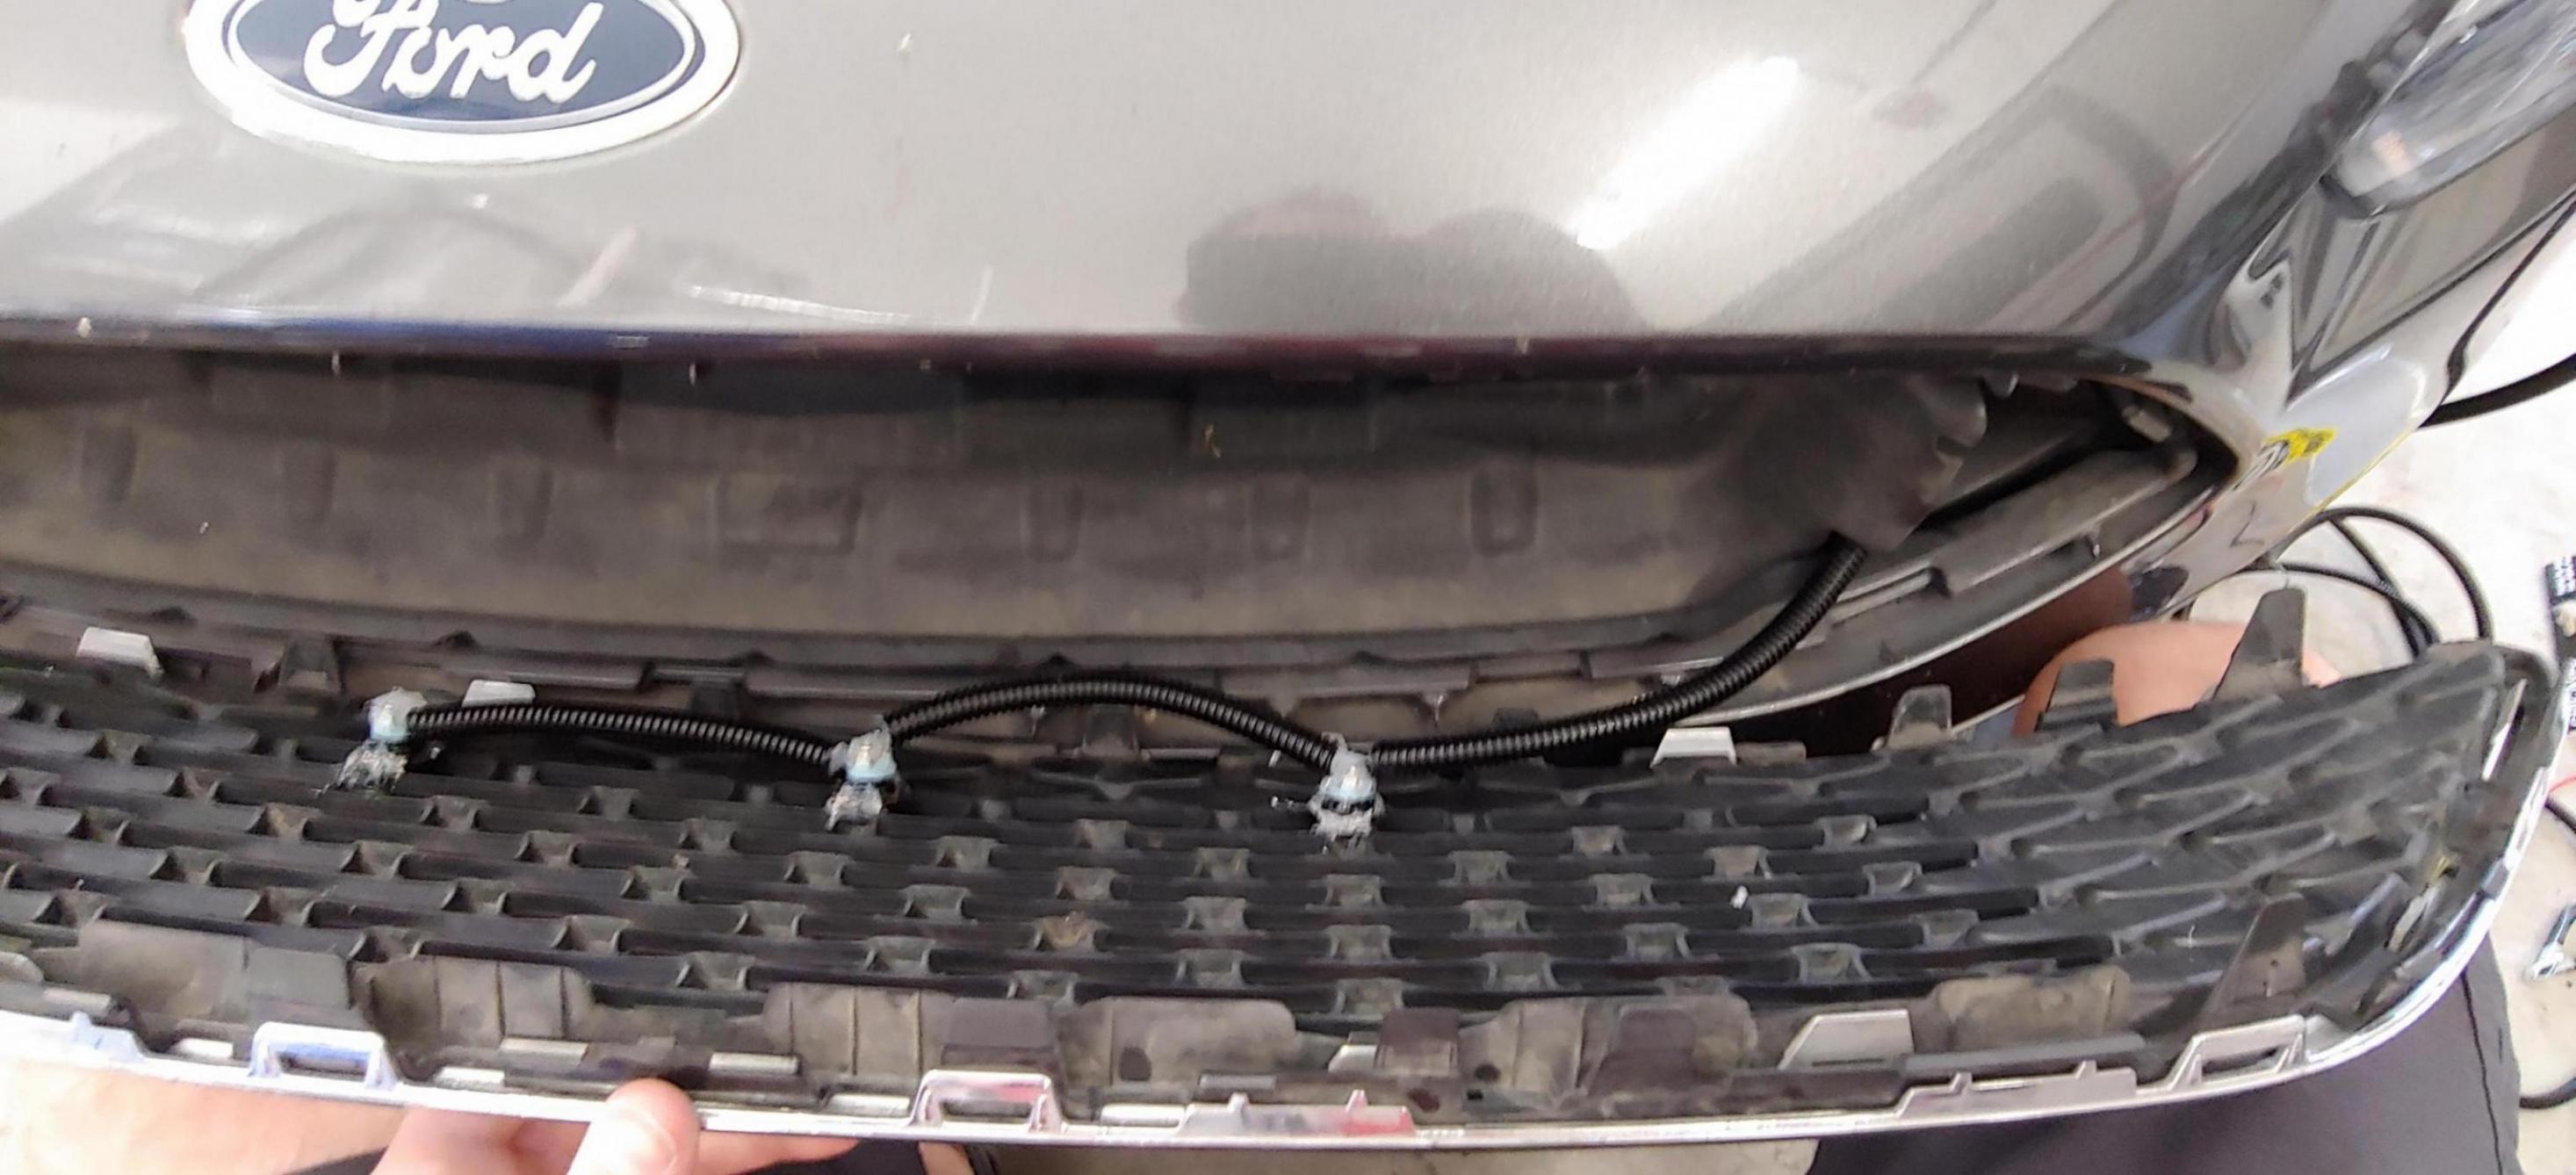 LED raptor grill lights-0630191237%7E2_1561925530615.jpg